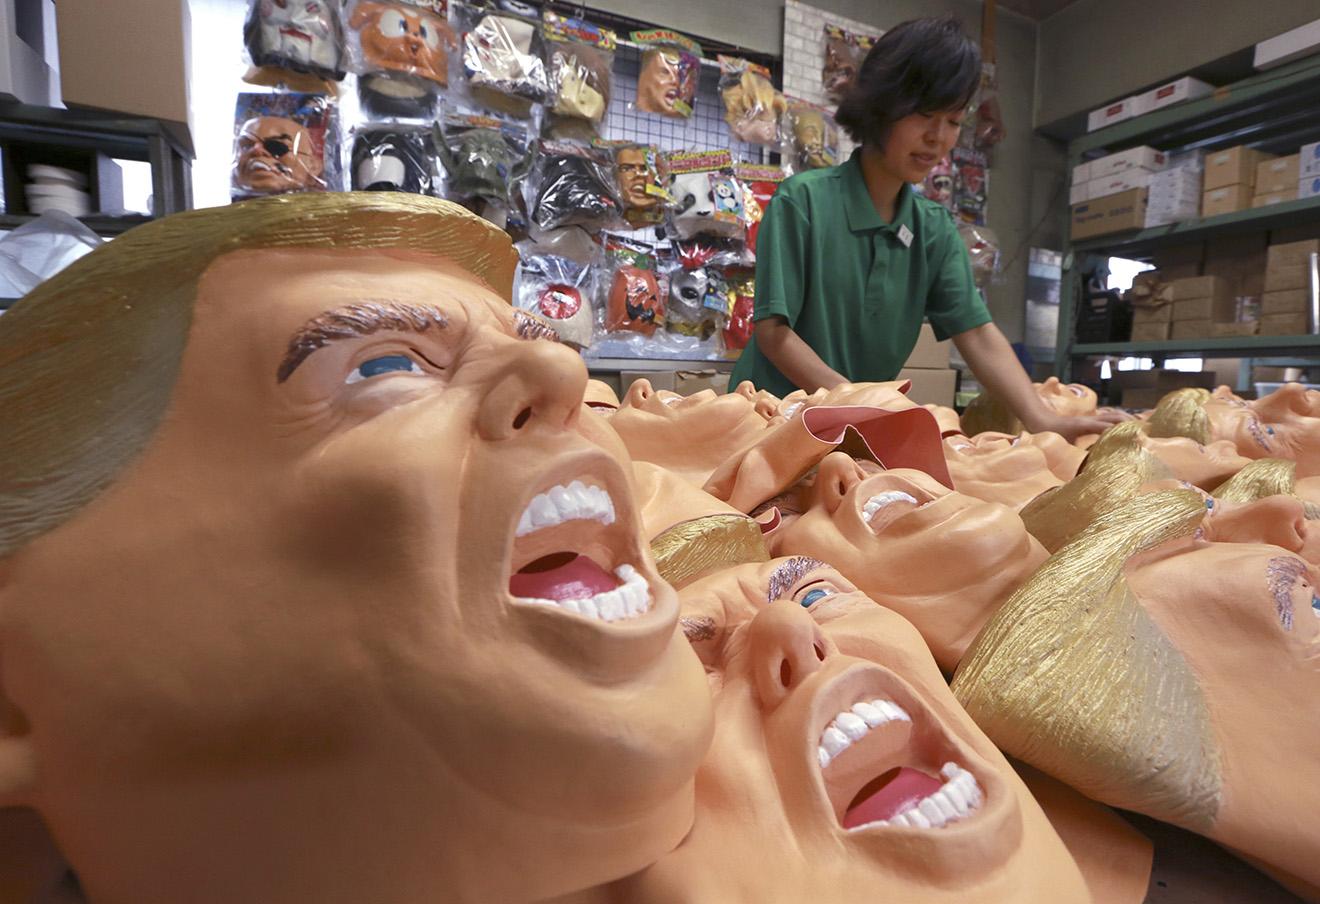 Резиновые маски, изображающие избранного президента Дональда Трампа. Токио, 15 ноября 2016. Фото: Eugene Hoshiko / AP / East News